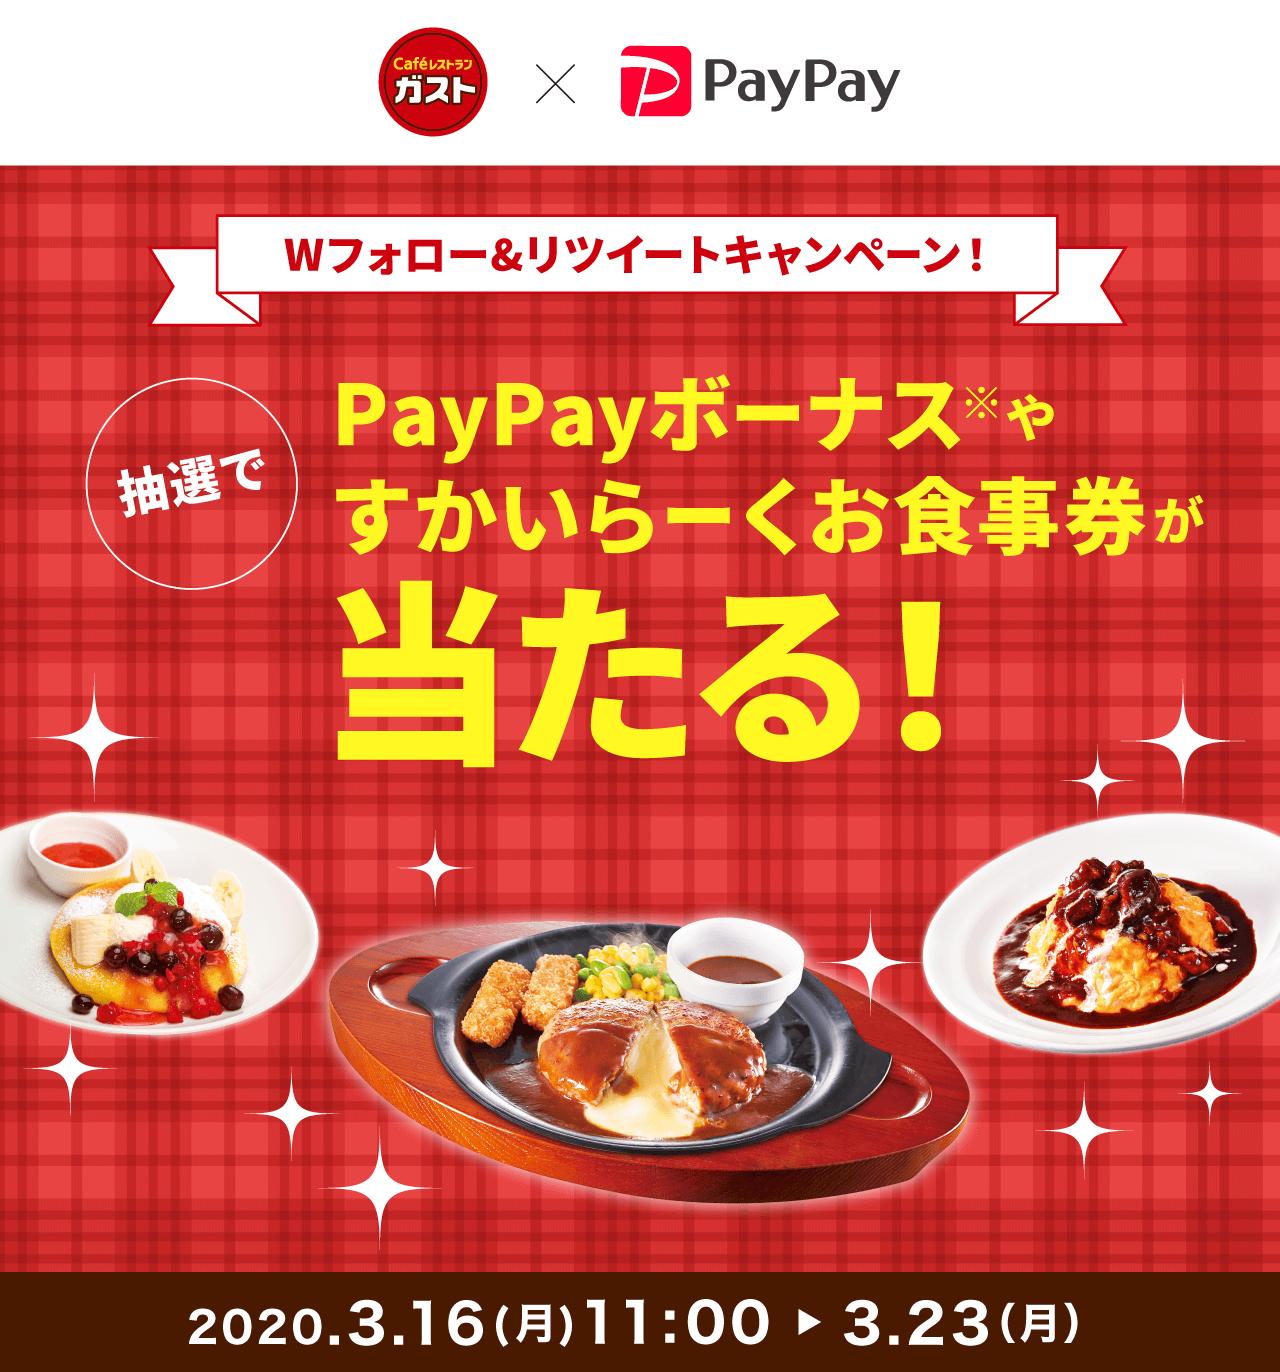 Wフォロー&リツイートキャンペーン! PayPayボーナス(※)や すかいらーくお食事券が 抽選で当たる!